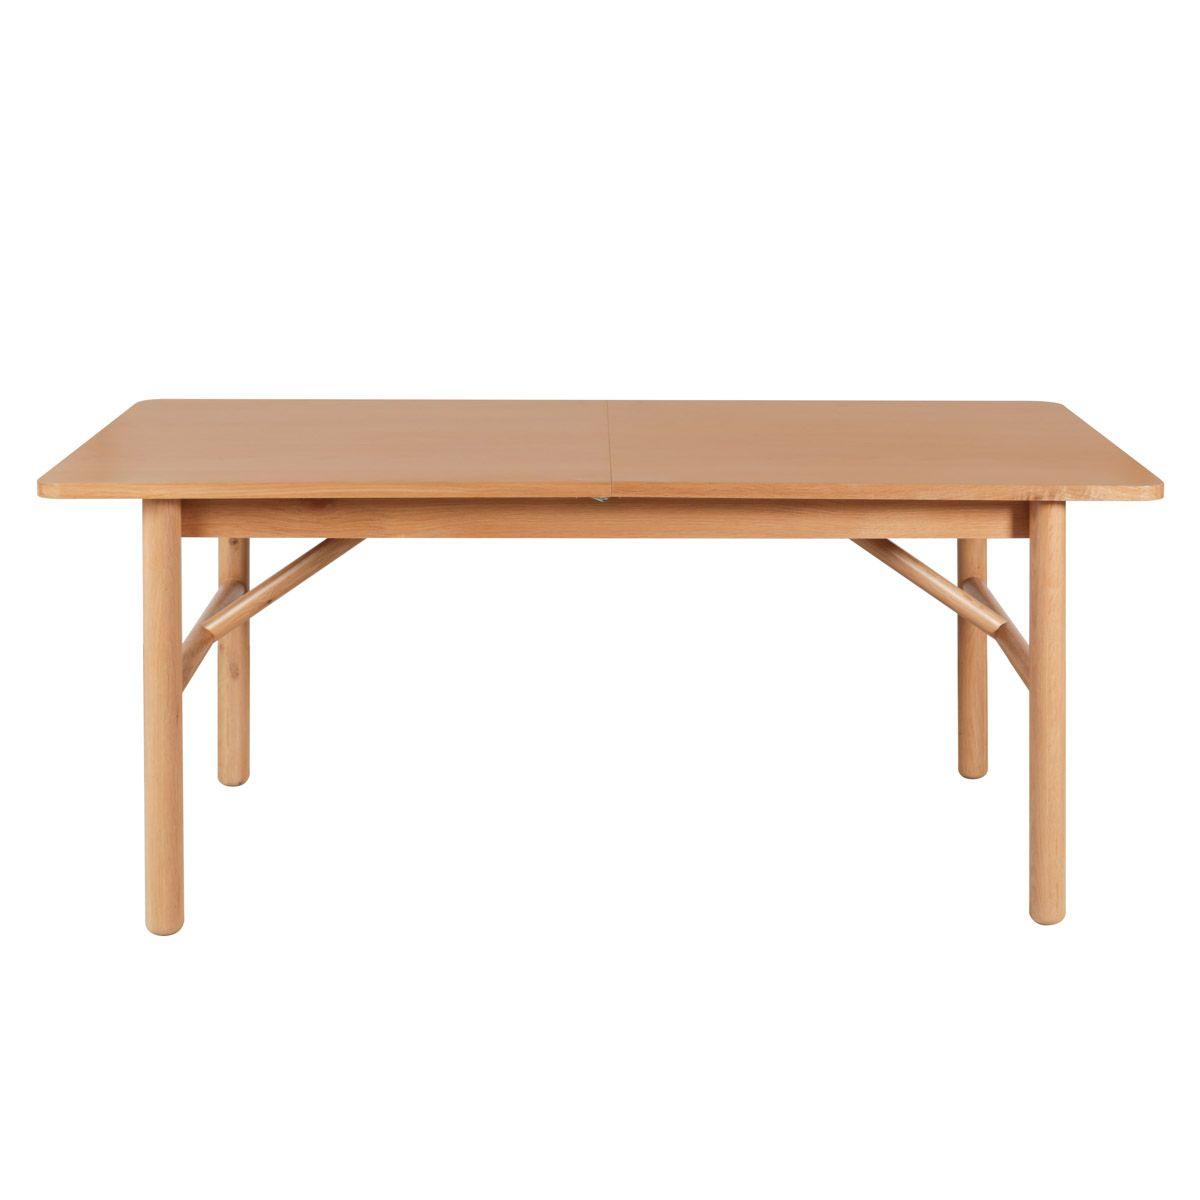 maison du monde Table extensible en chêne naturel 180 cm